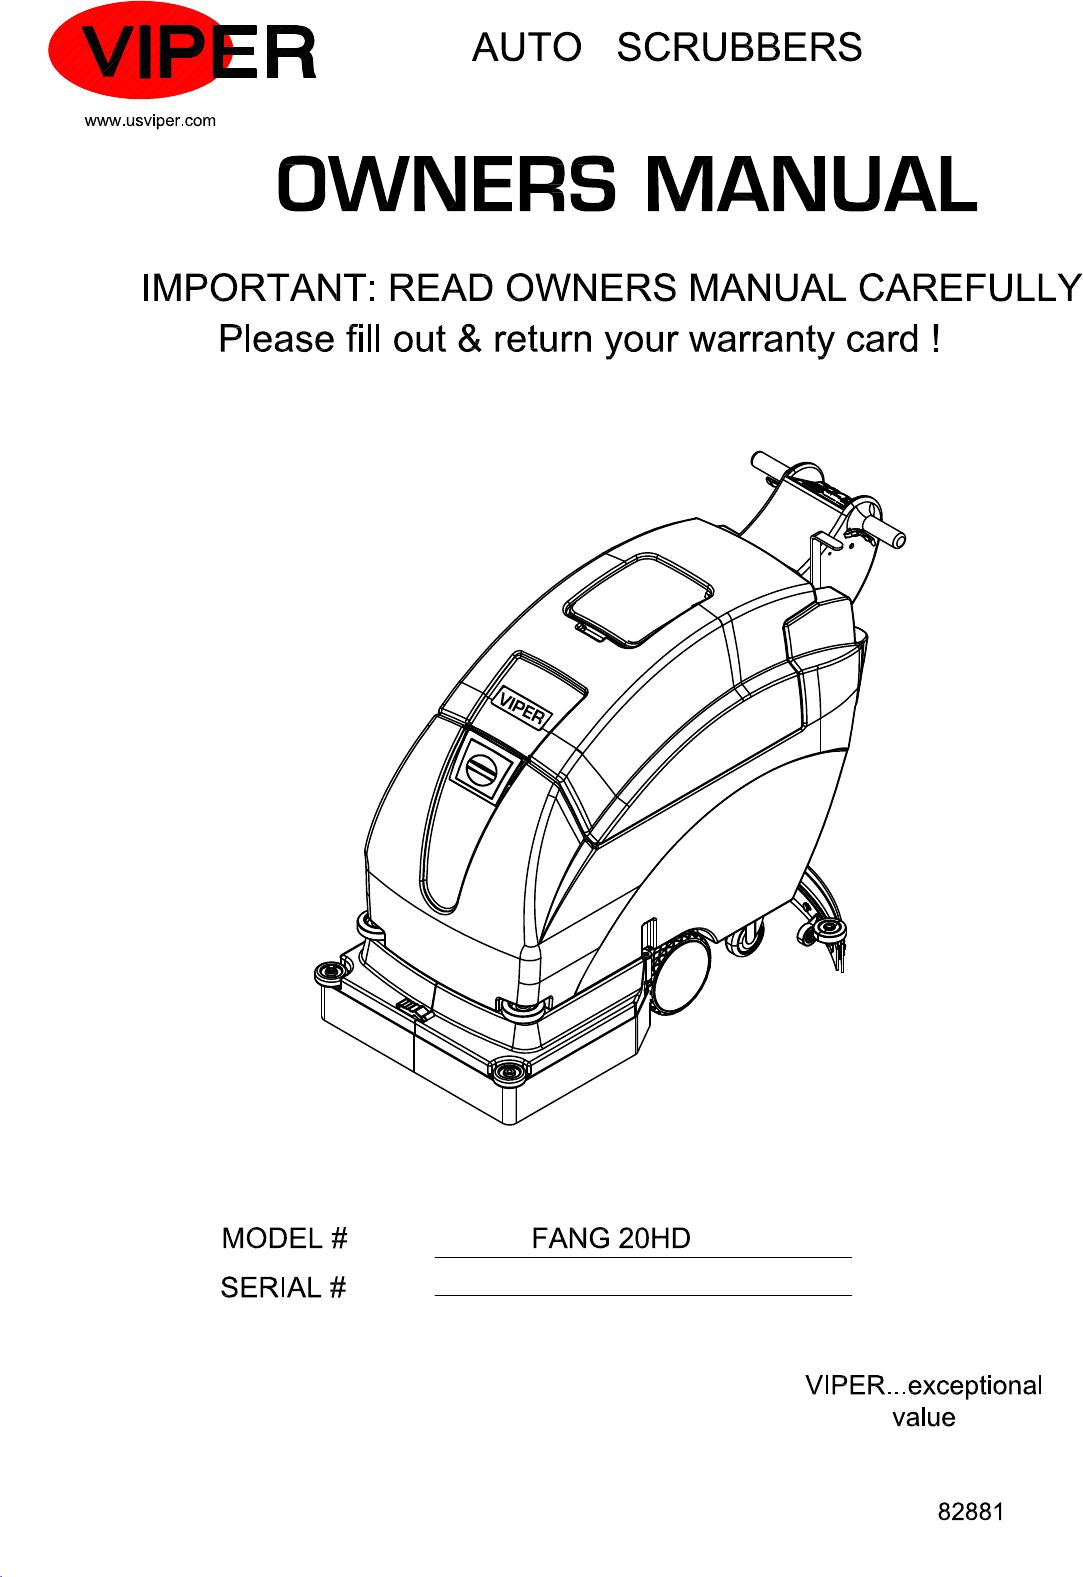 D Viper Fang 20 Hd Floor Scrubber Parts And Operator Manual